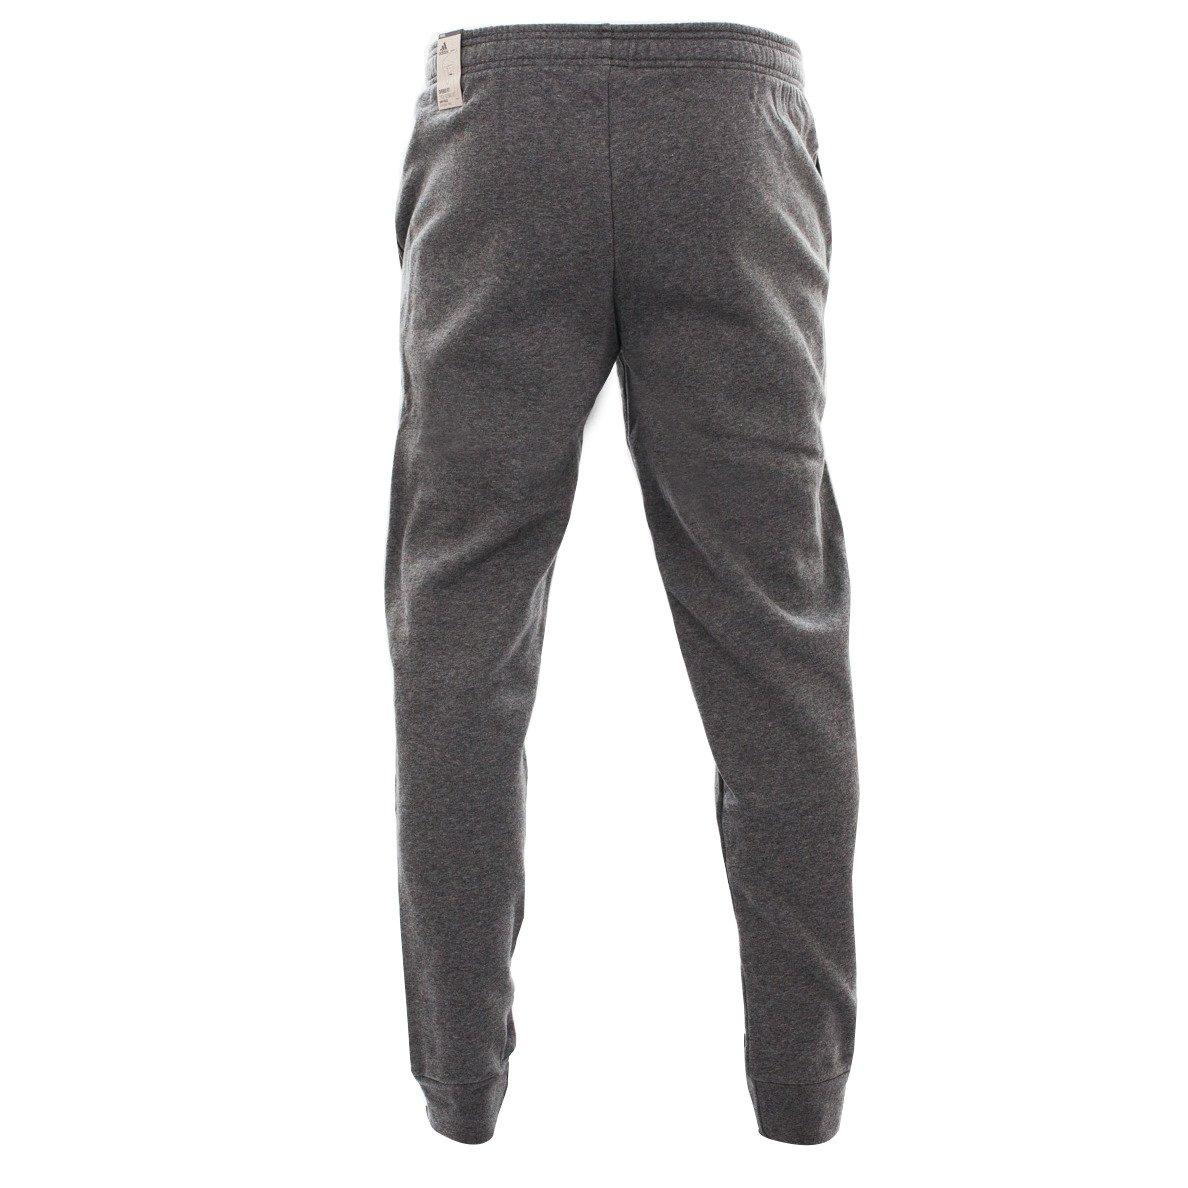 adidas Spodnie bawełniane Core 18 XL CV3752 szare